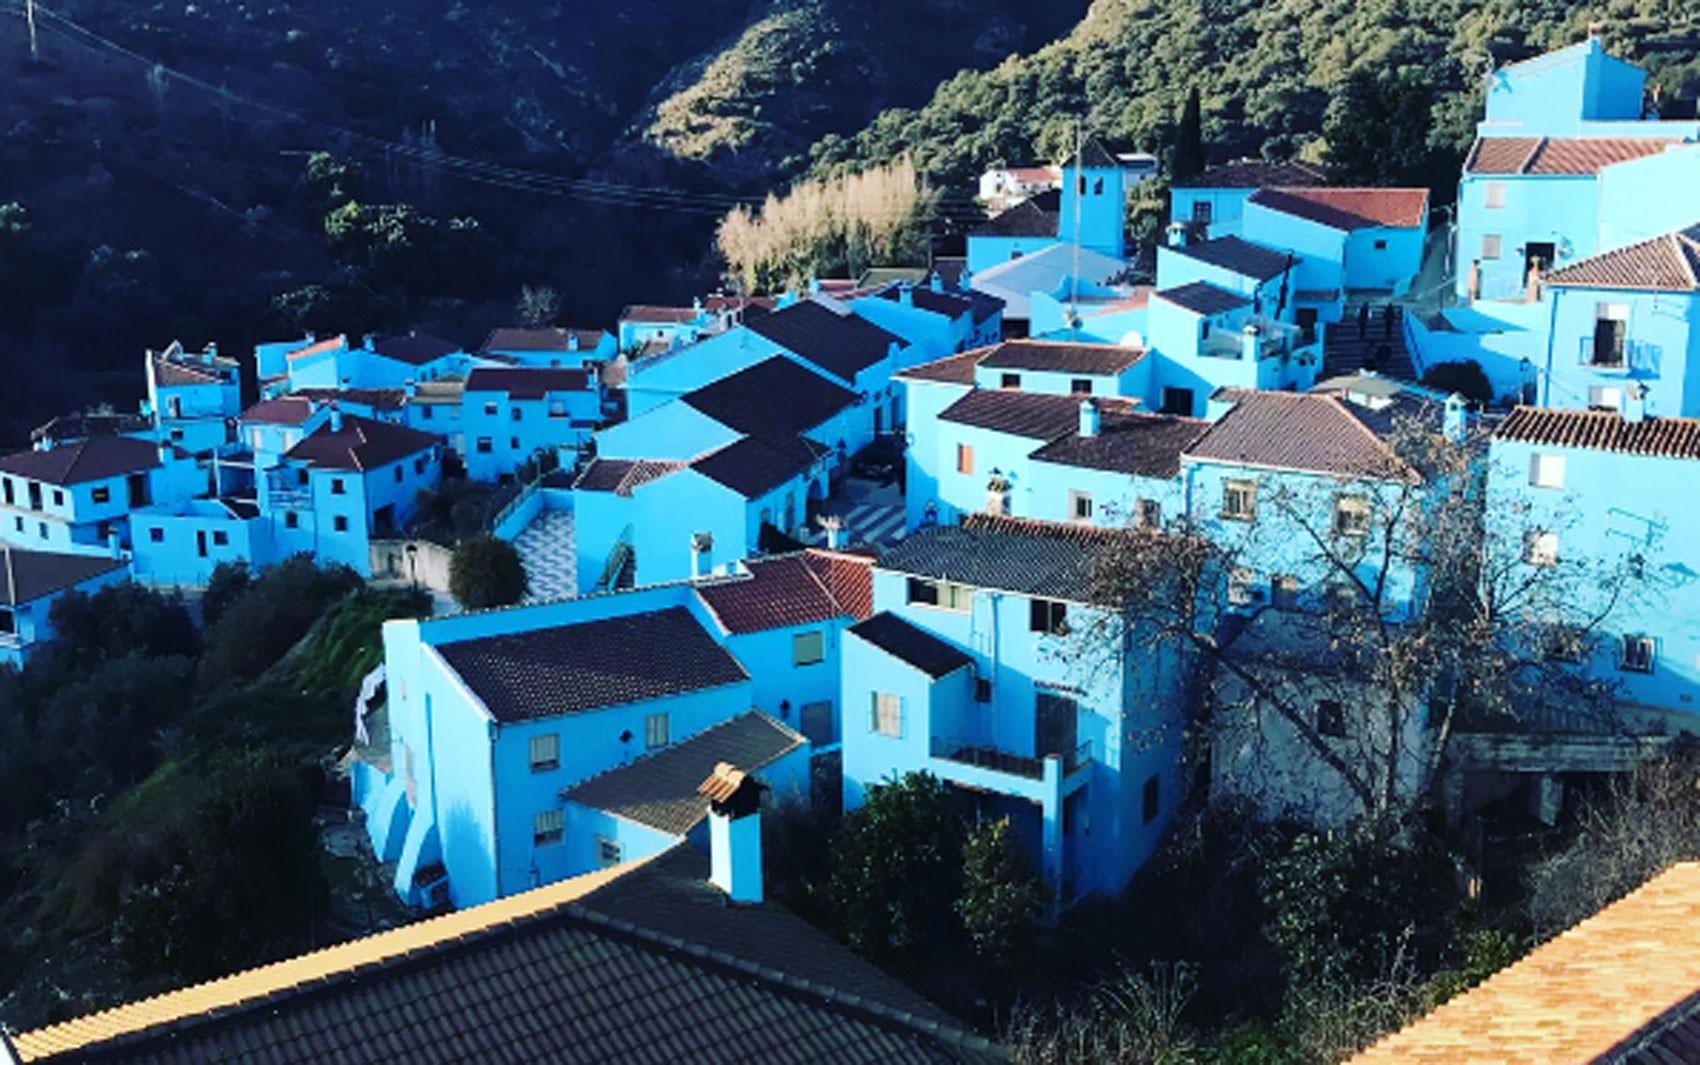 Vila espanhola perde direito de ser 'cidade dos Smurfs'